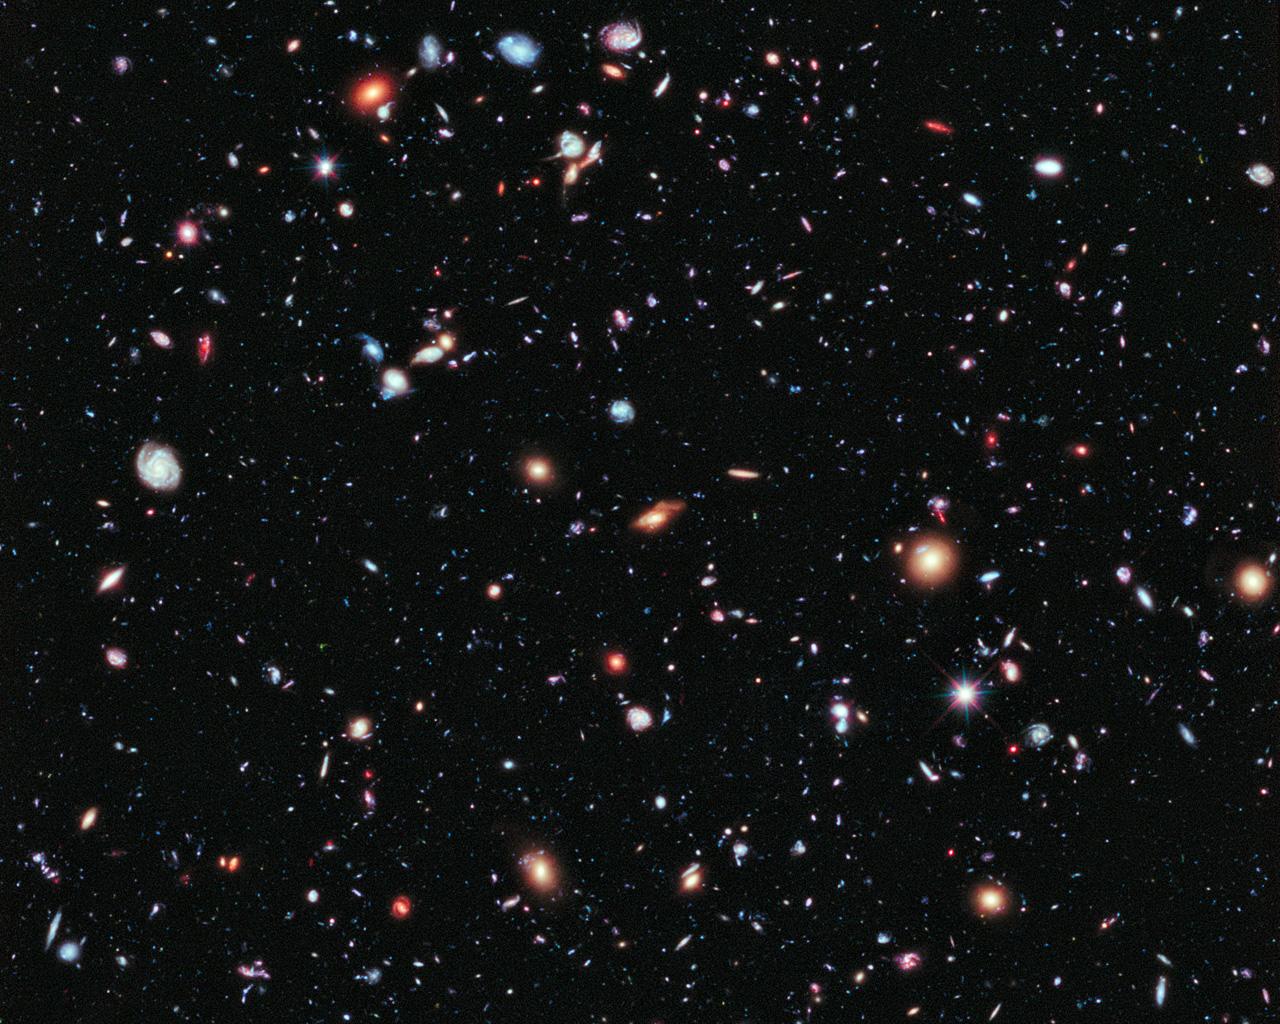 Одна из самых известных фотографий, сделанных телескопом «Хаббл»: eXtreme Deep Field. В ширину снимок захватывает примерно десятую часть Луны (наблюдаемой с околоземной орбиты), что является одной тридцатимиллионной всего звёздного неба. Тем не менее, здесь мы наблюдаем около 5500 галактик. А некоторые из них настолько далеки, что мы видим их такими, какими они были на момент, когда возраст Вселенной составлял менее 5% от сегодняшнего. Для фотографии было выбрано время экспозиции в 2 000 000 секунд, это примерно 22 дня.